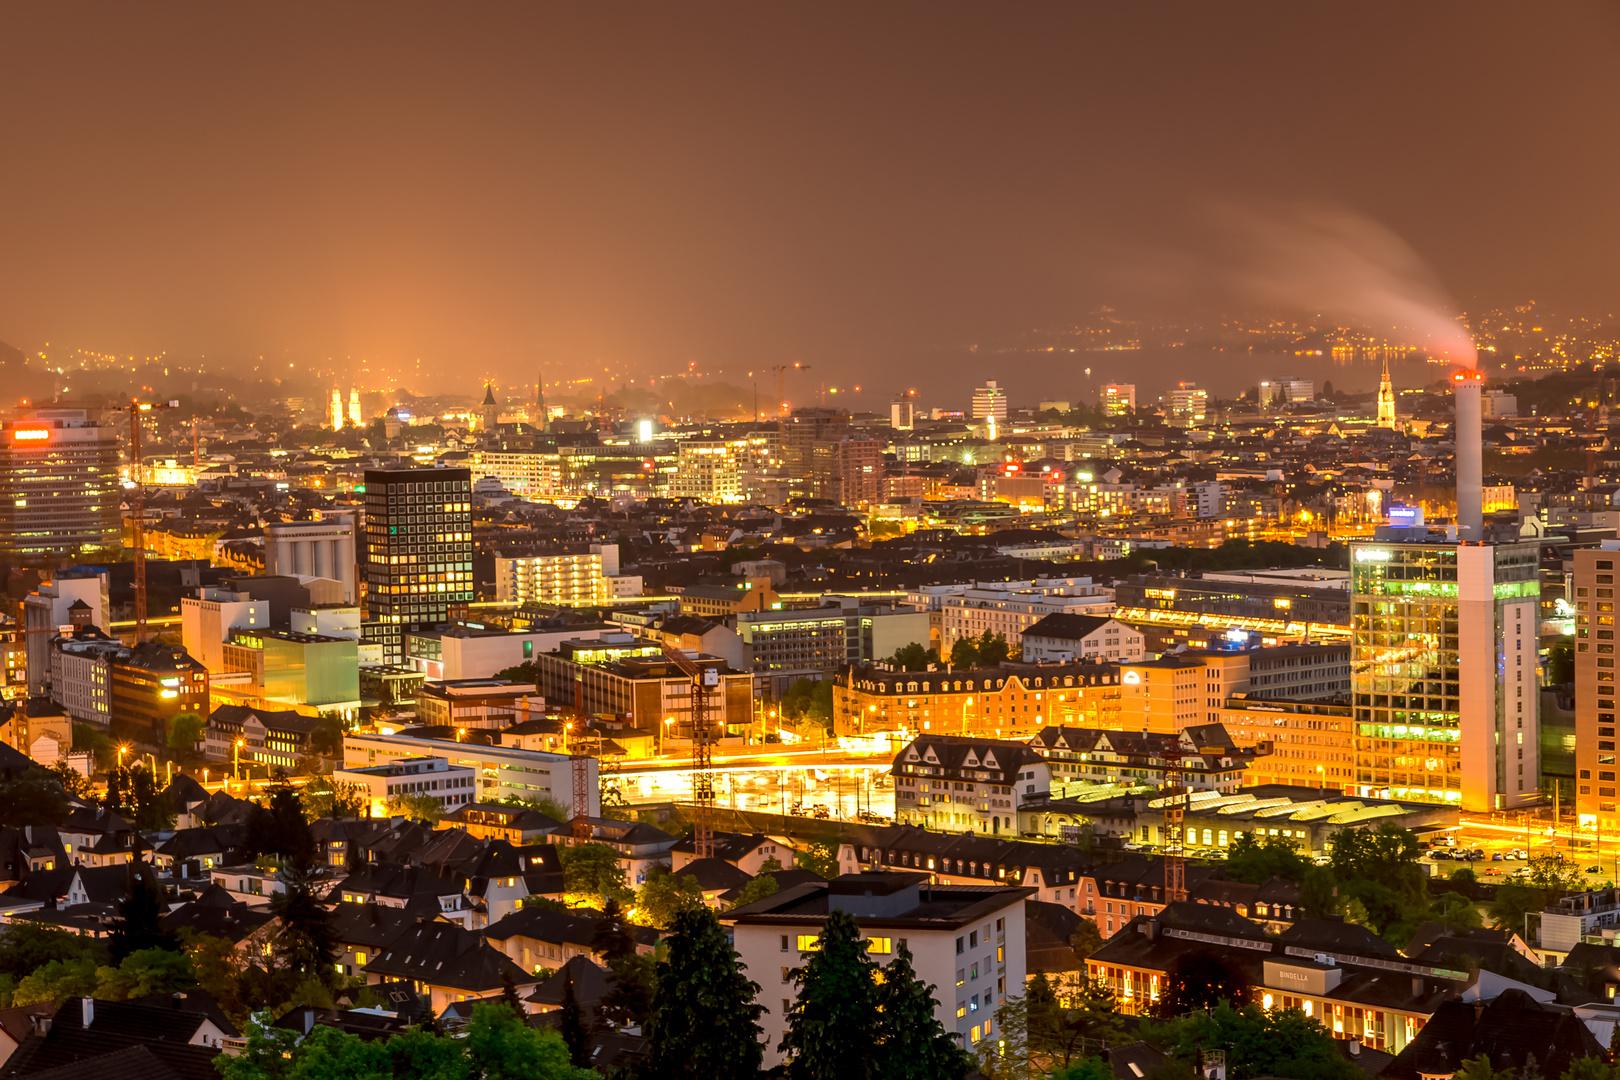 Stadt Zürich bei Nacht